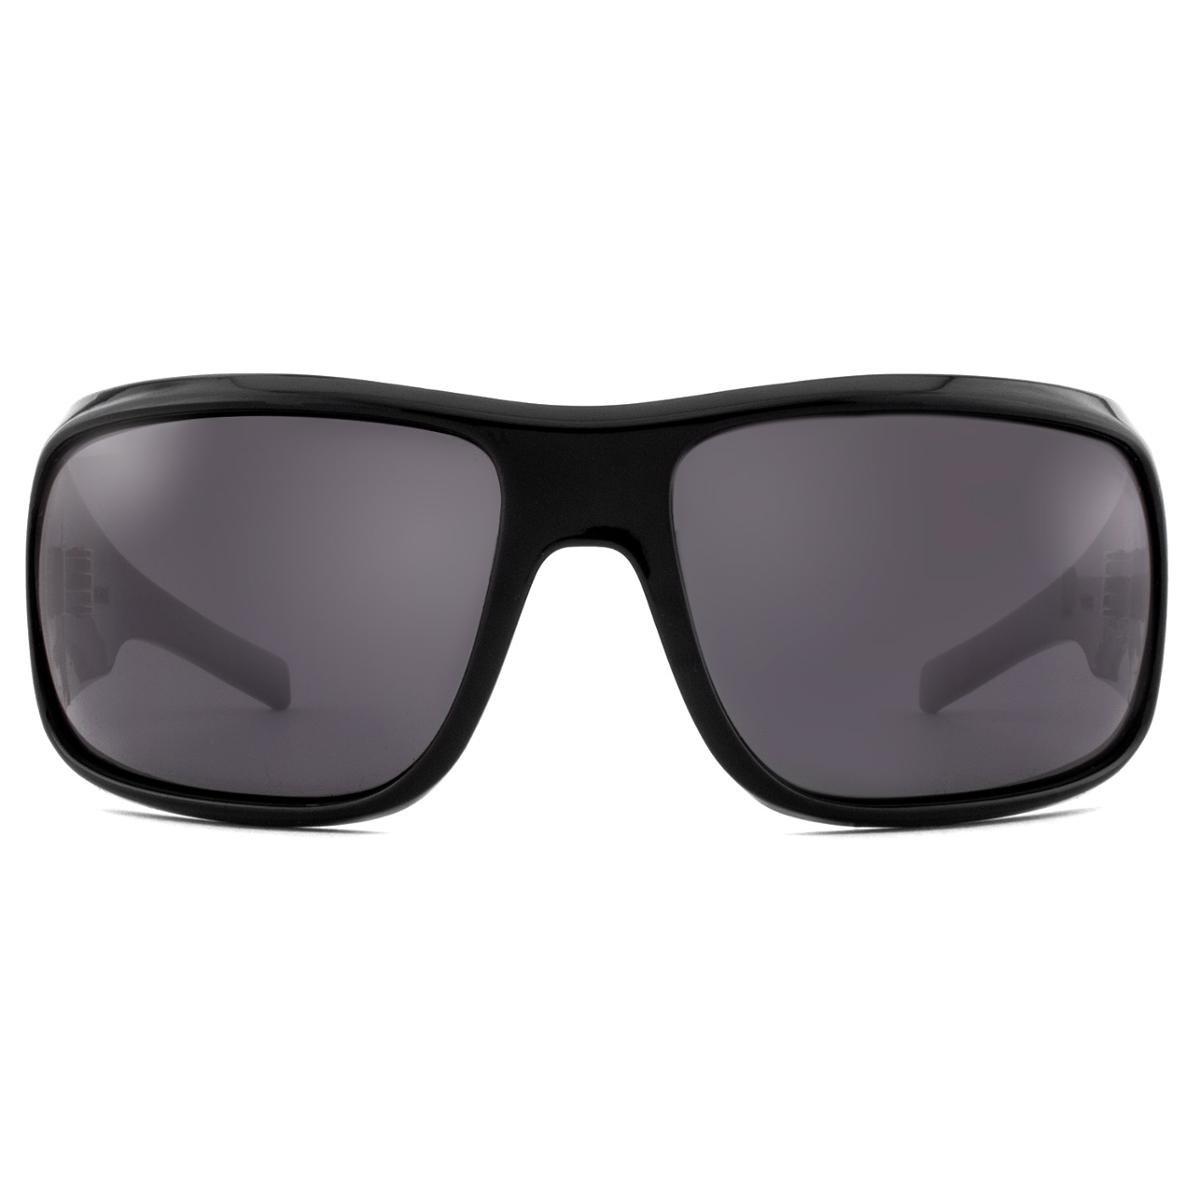 20e42e409 Óculos HB Rocker 90086 00200 - Compre Agora | Netshoes